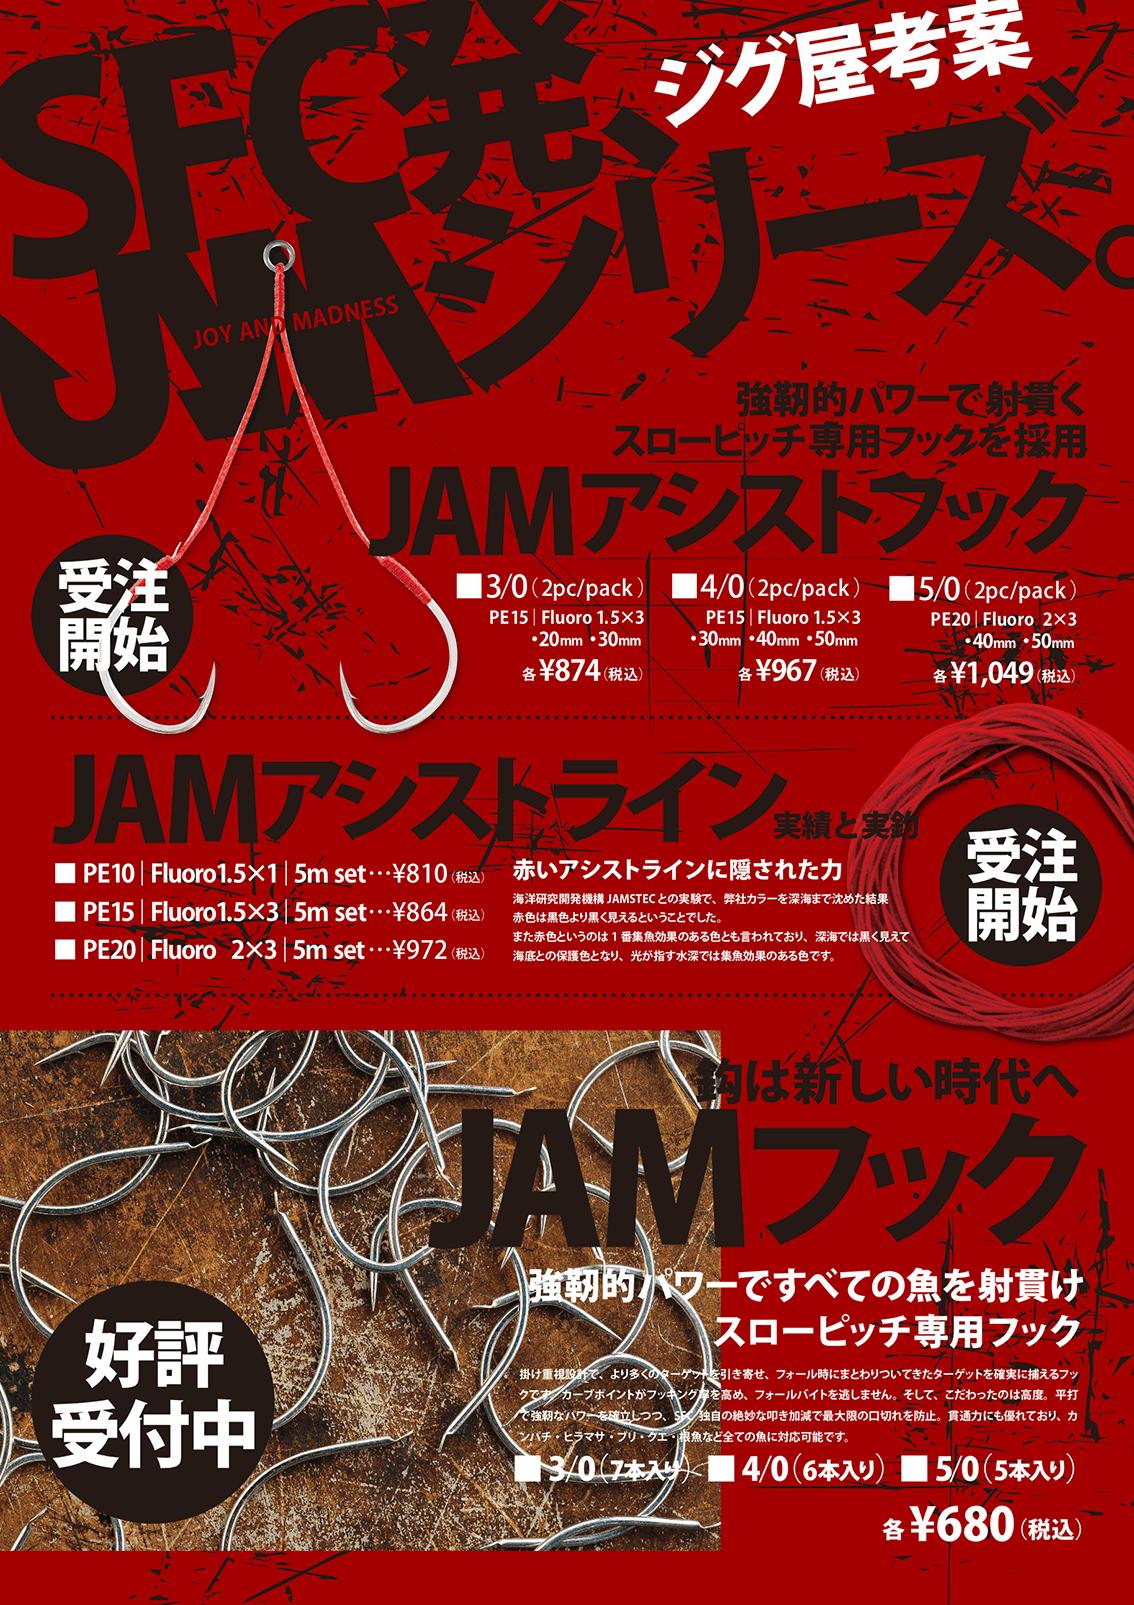 JAMシリーズ,JAMアシストフック,JAMアシストライン,JAMフック,受注開始